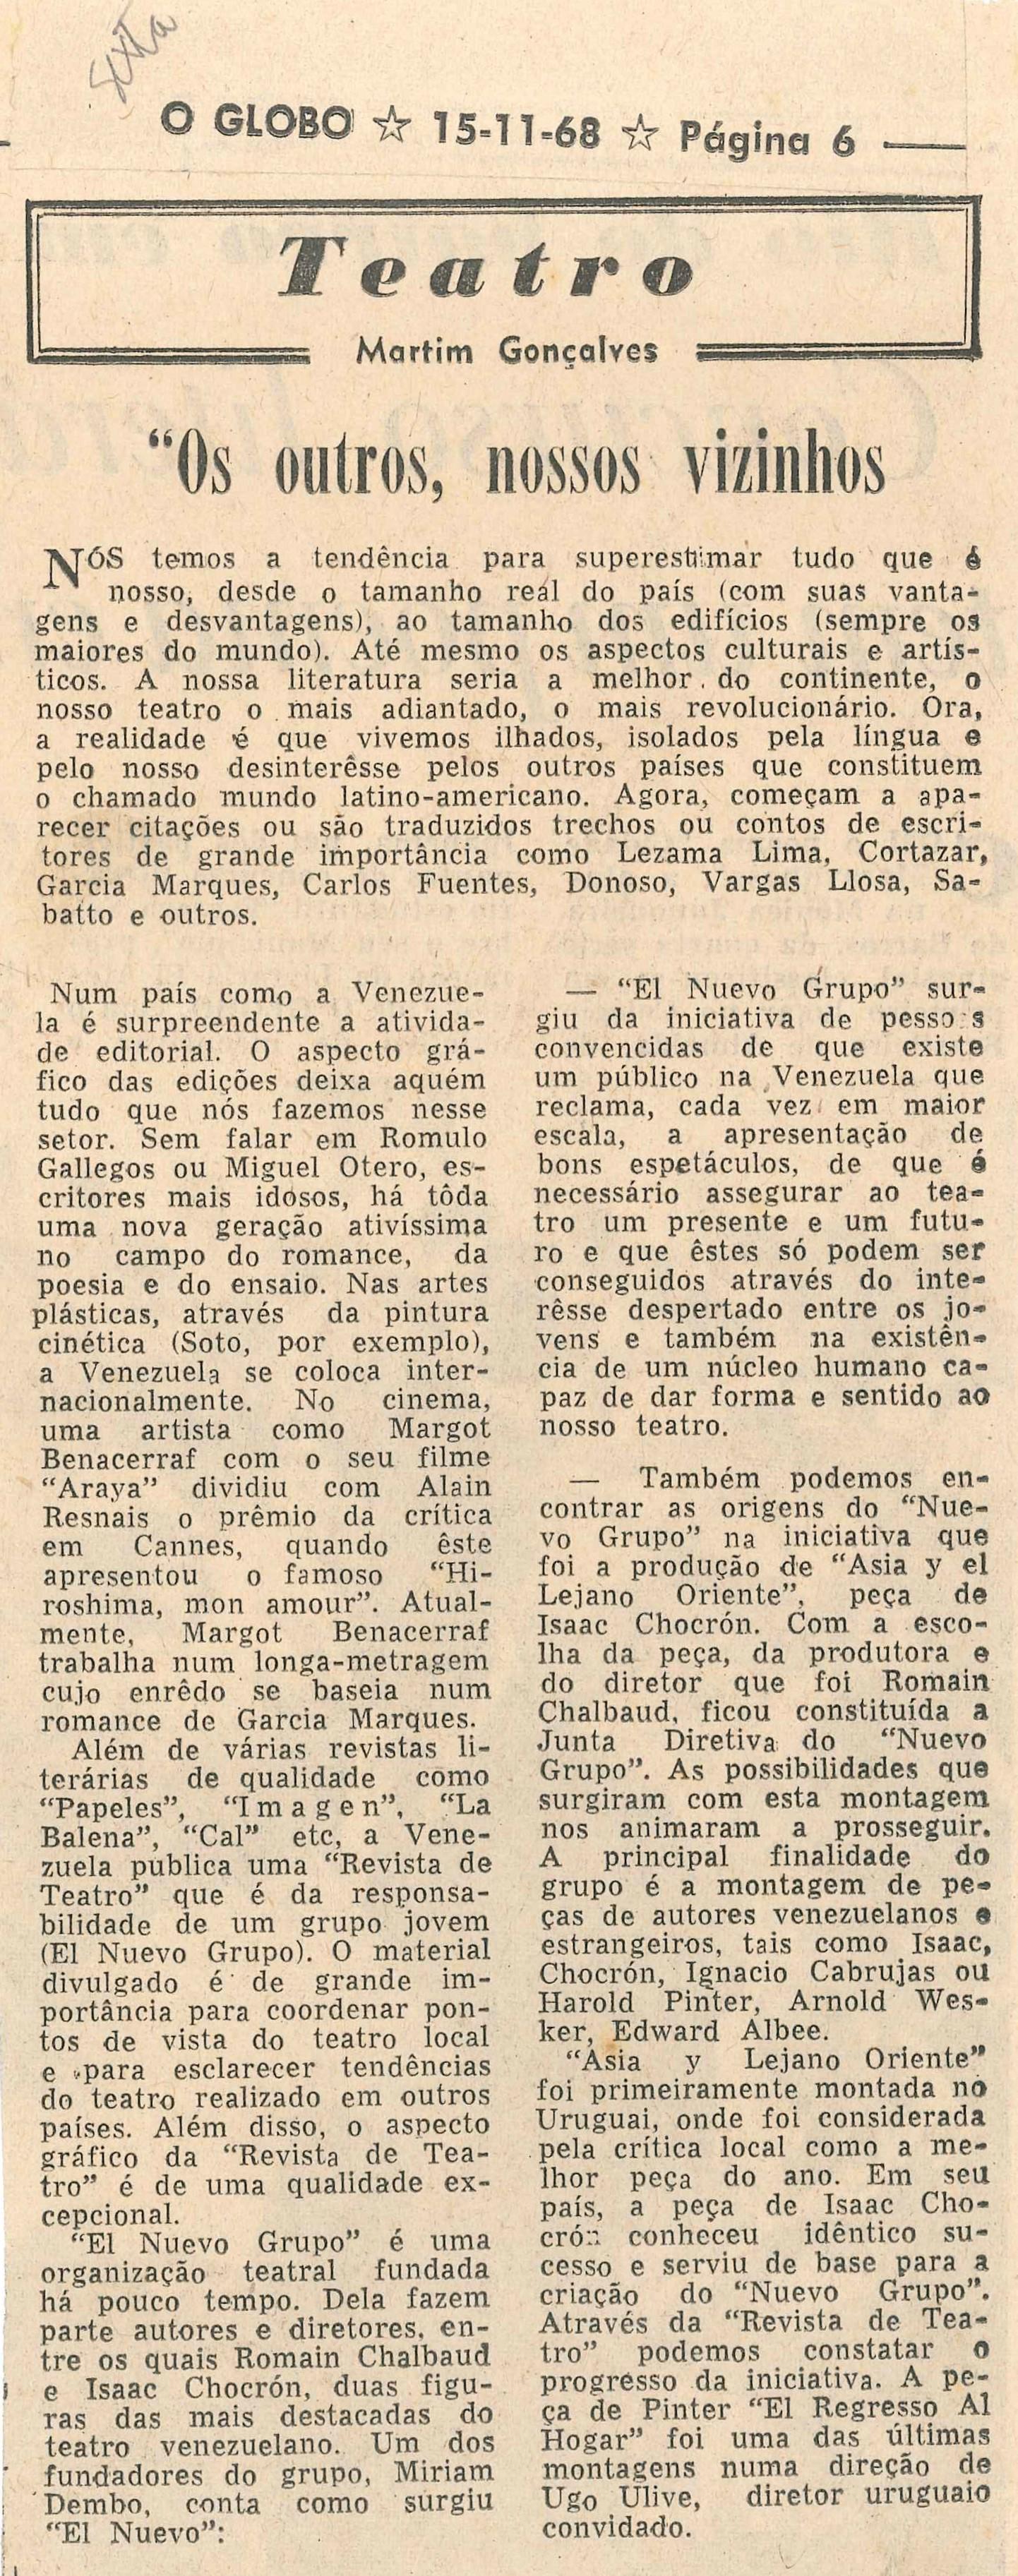 Martim Gonçalves foi, durante seis anos, o crítico de teatro do Jornal O Globo